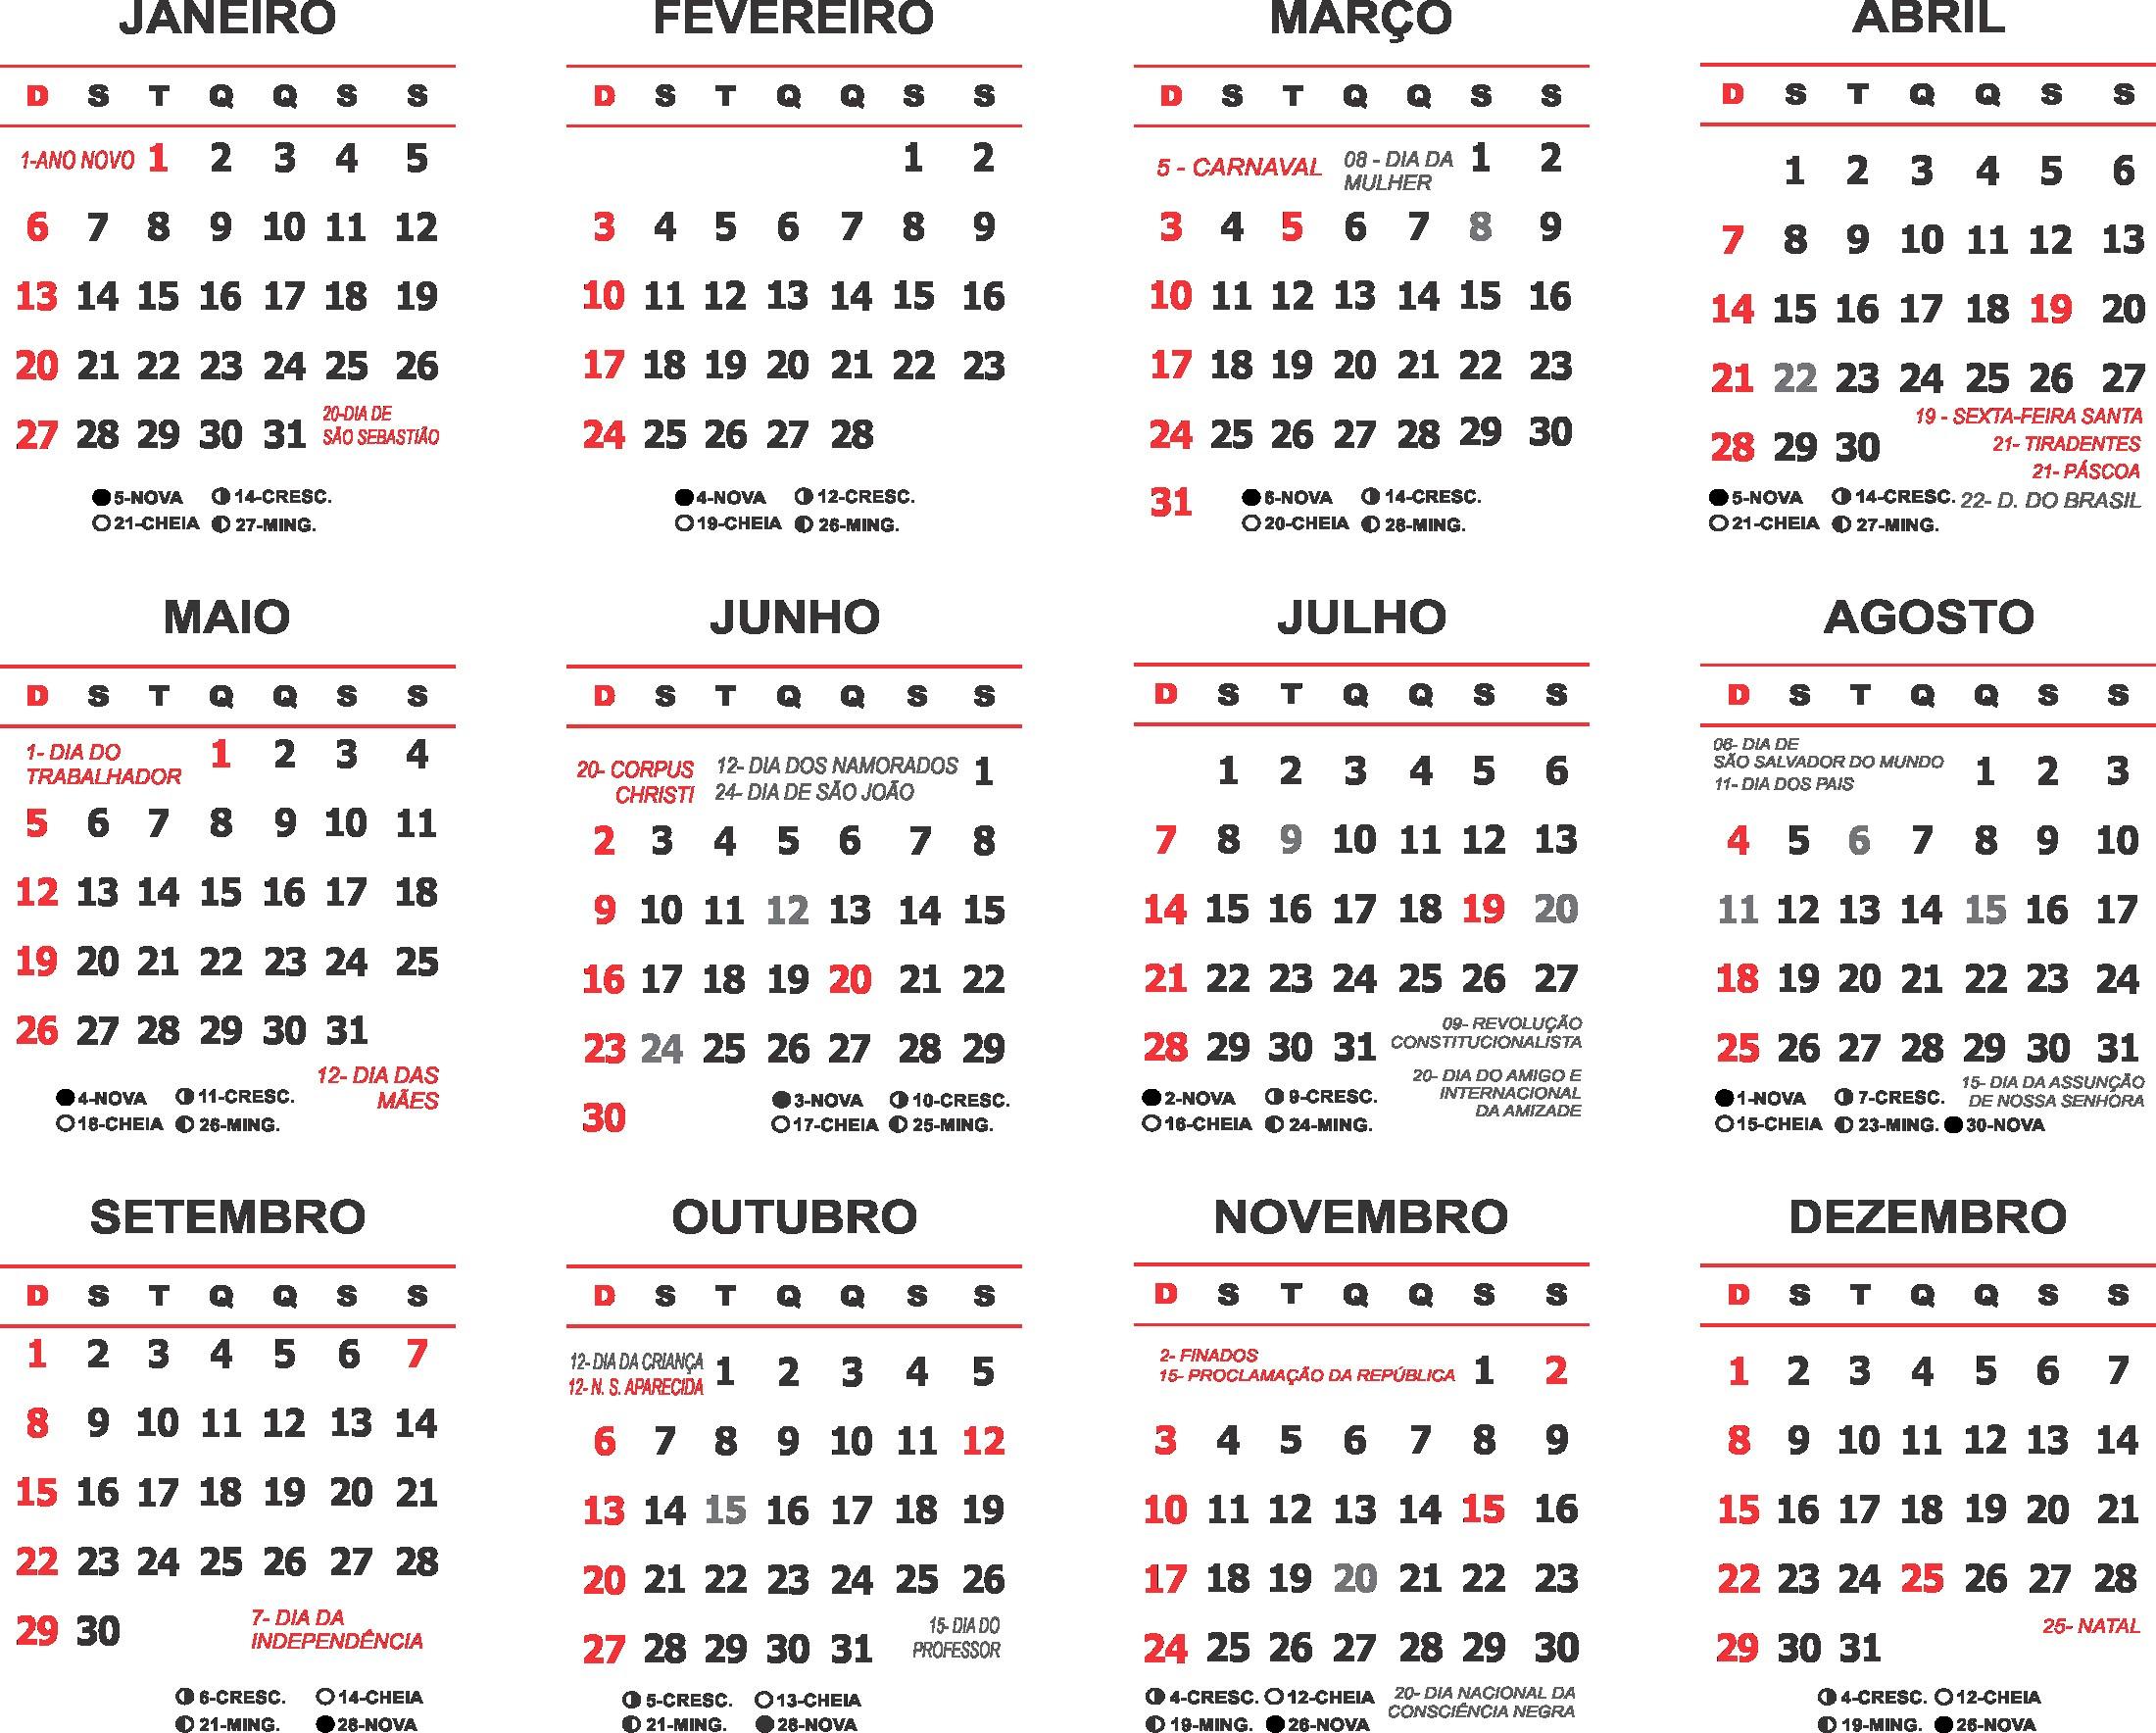 Calendario Feriado Semana Santa 2019 Mejores Y Más Novedosos Yllana Calendario 2019 2018 12 Of Calendario Feriado Semana Santa 2019 Más Arriba-a-fecha Calendários E Folhinhas De Parede